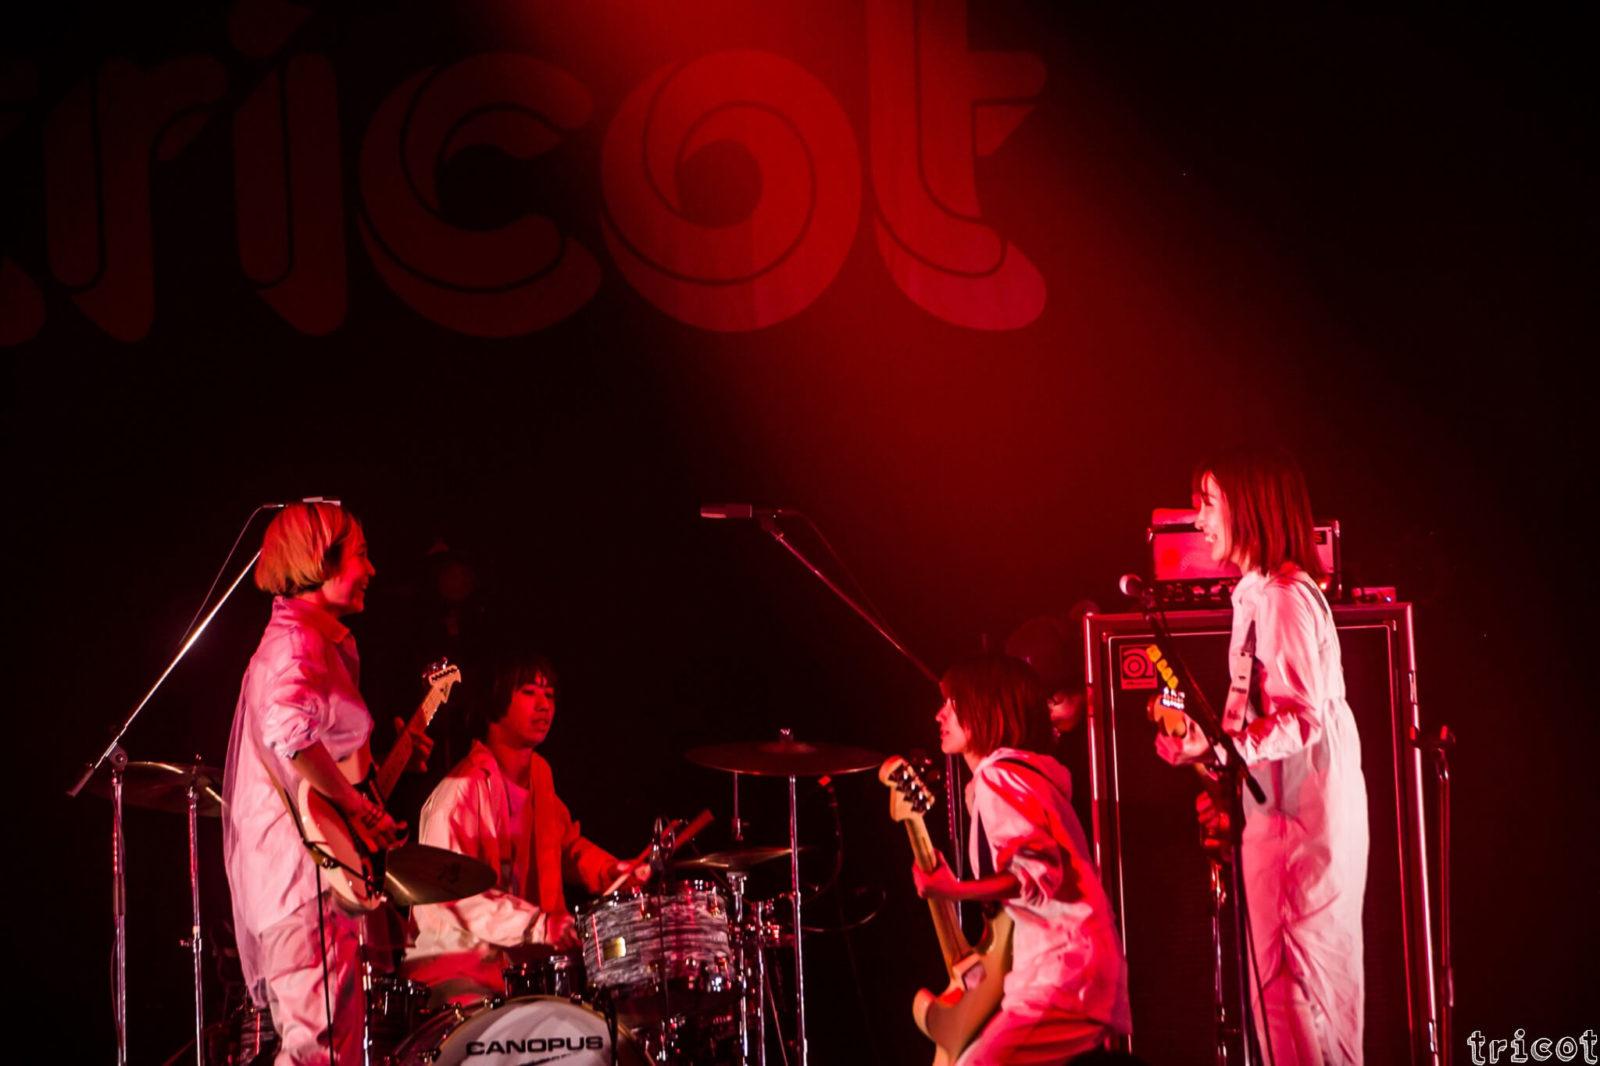 tricot、あの伝説の無観客LIVEの映像を公開サムネイル画像